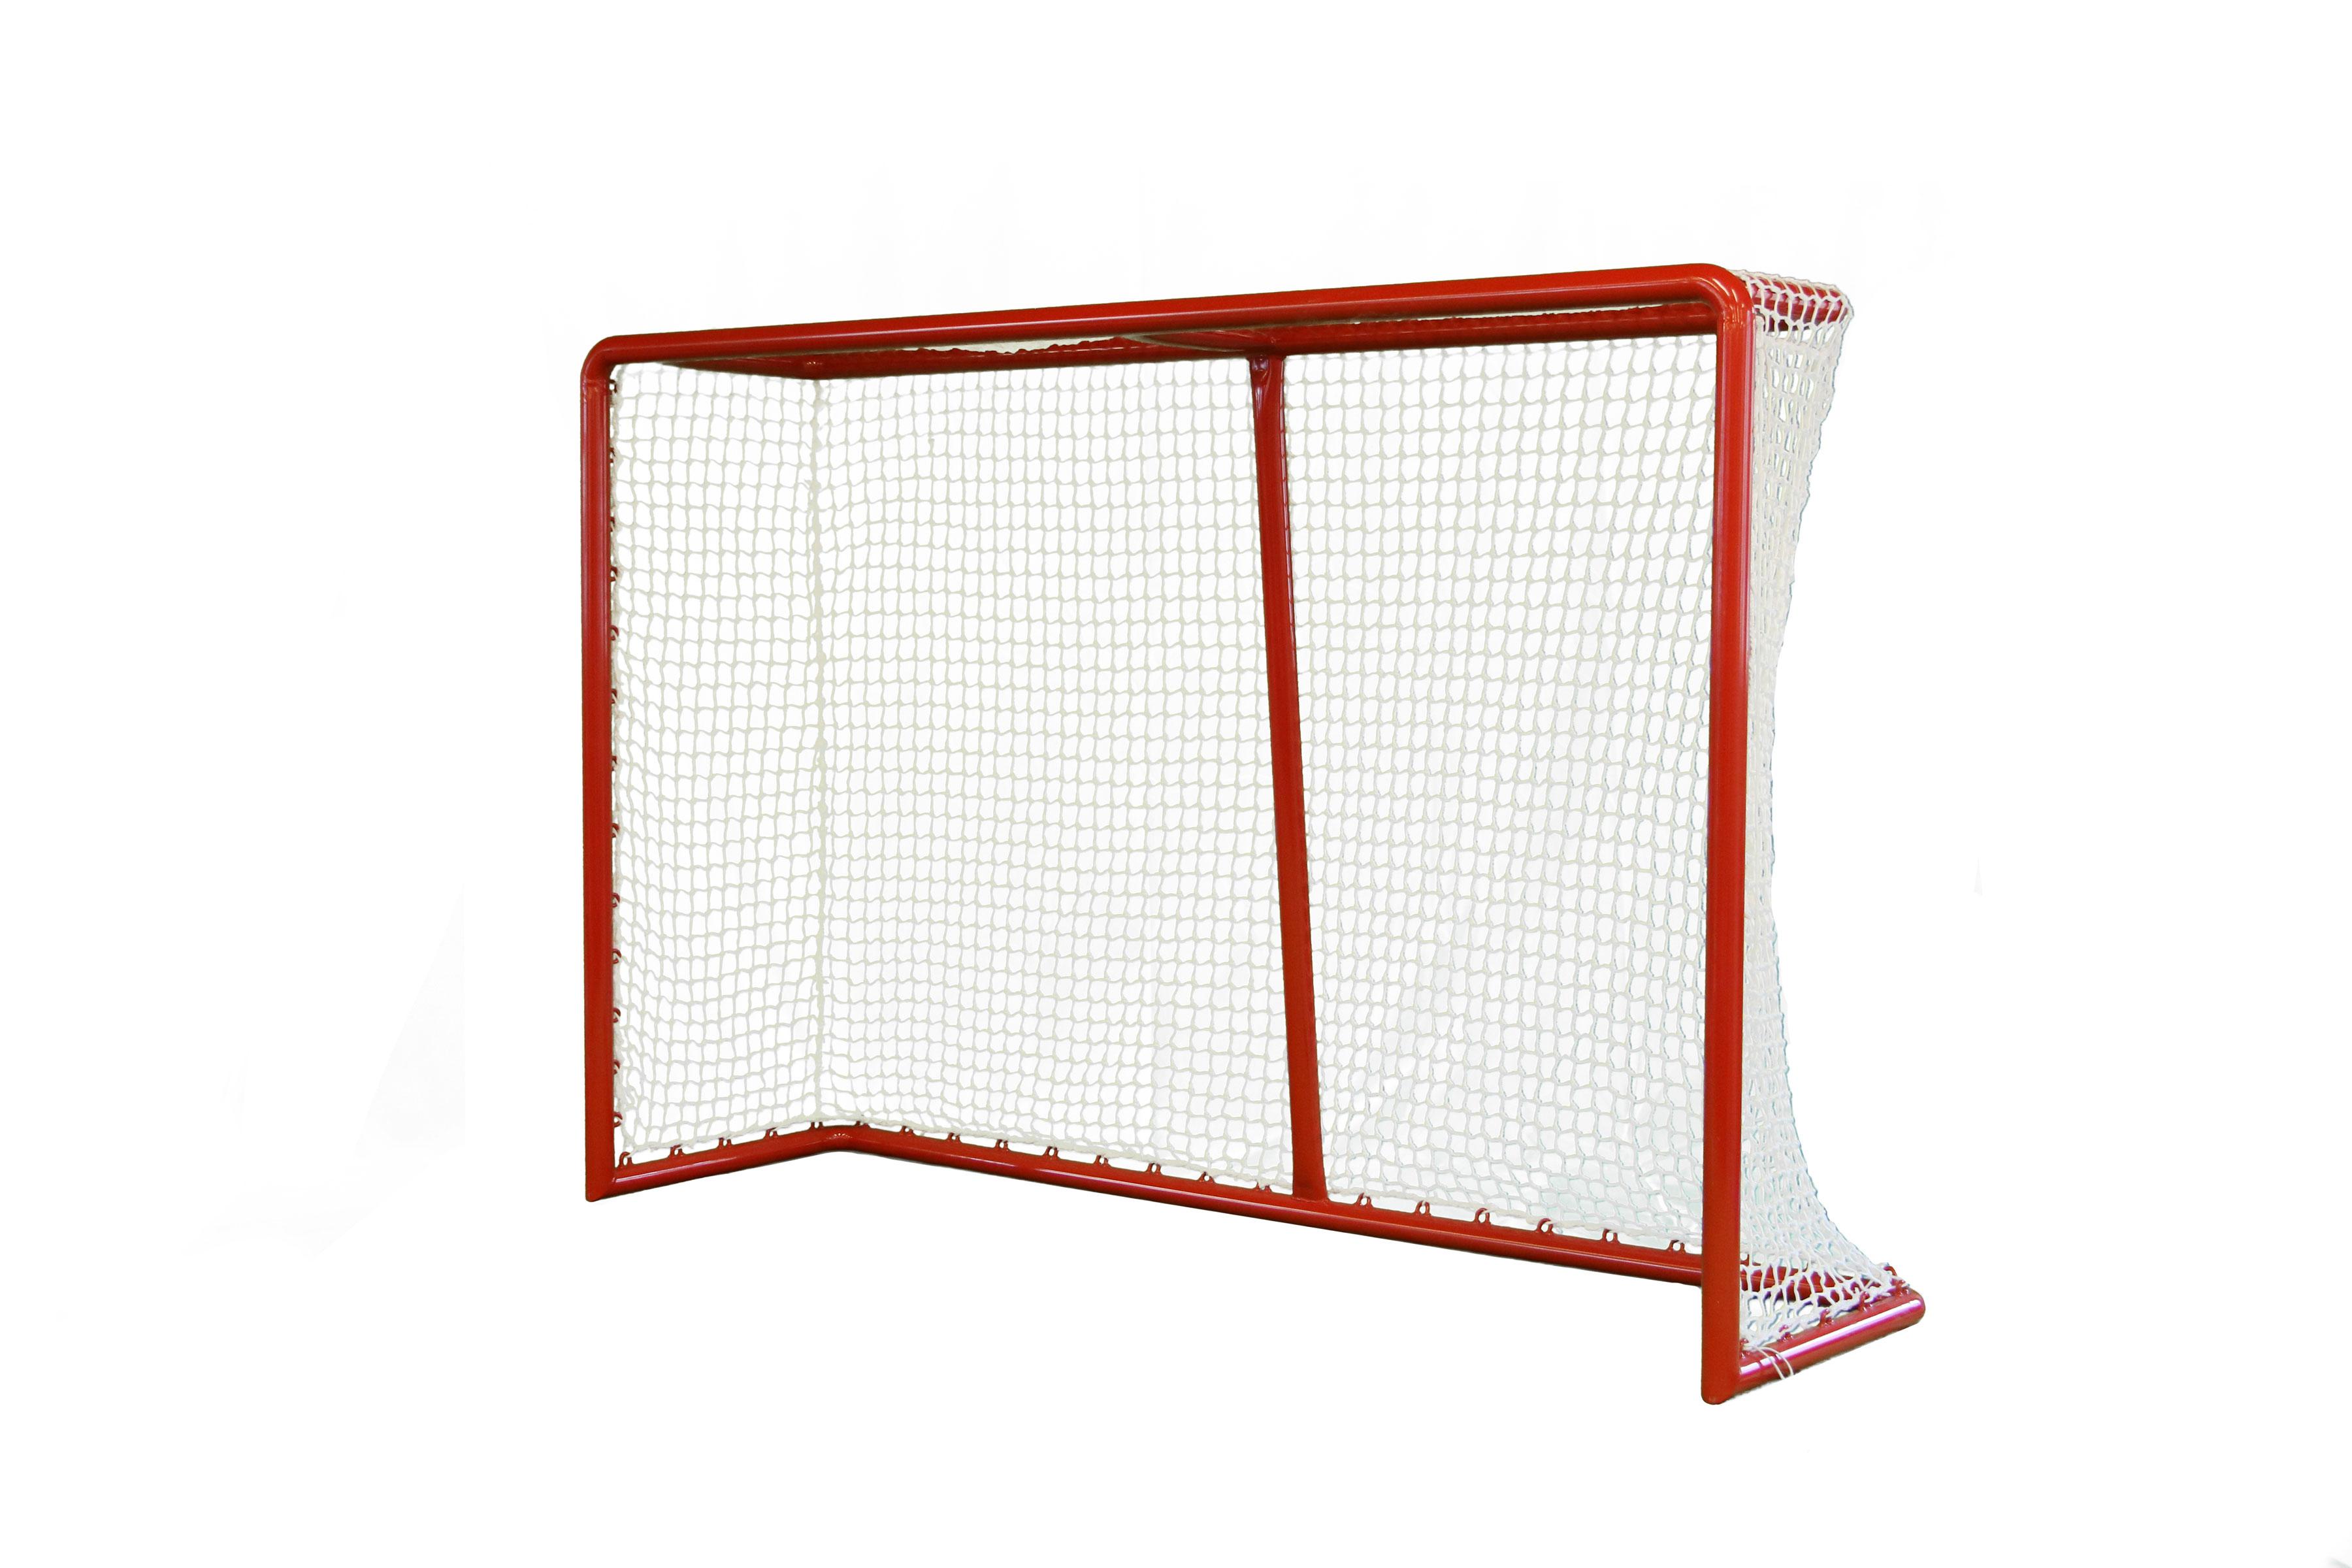 Hokejová bránka